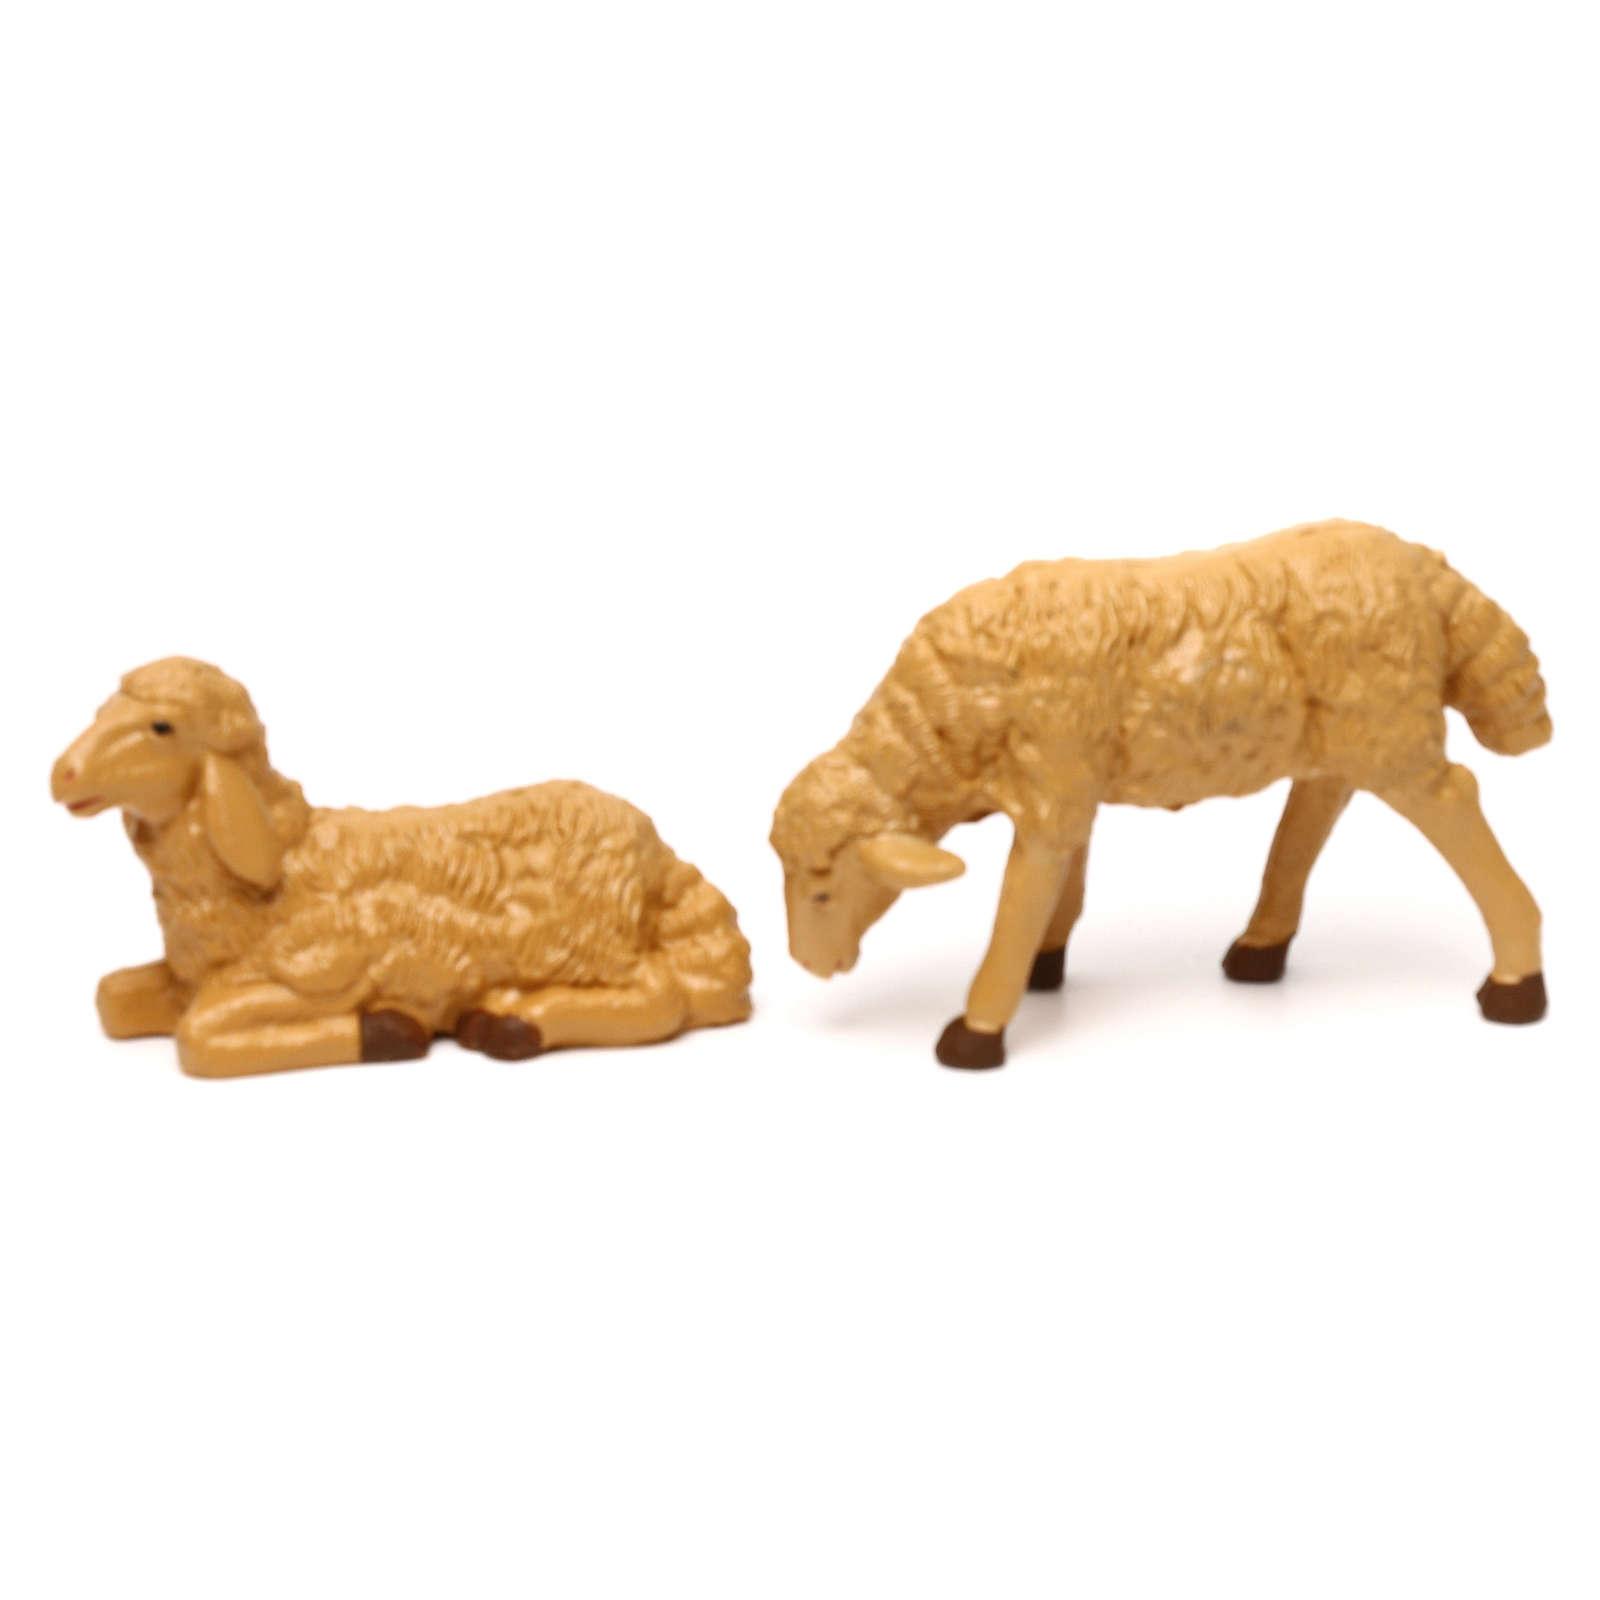 Pecore presepe plastica marrone 4 pz. per presepe di altezza media 20 cm 3